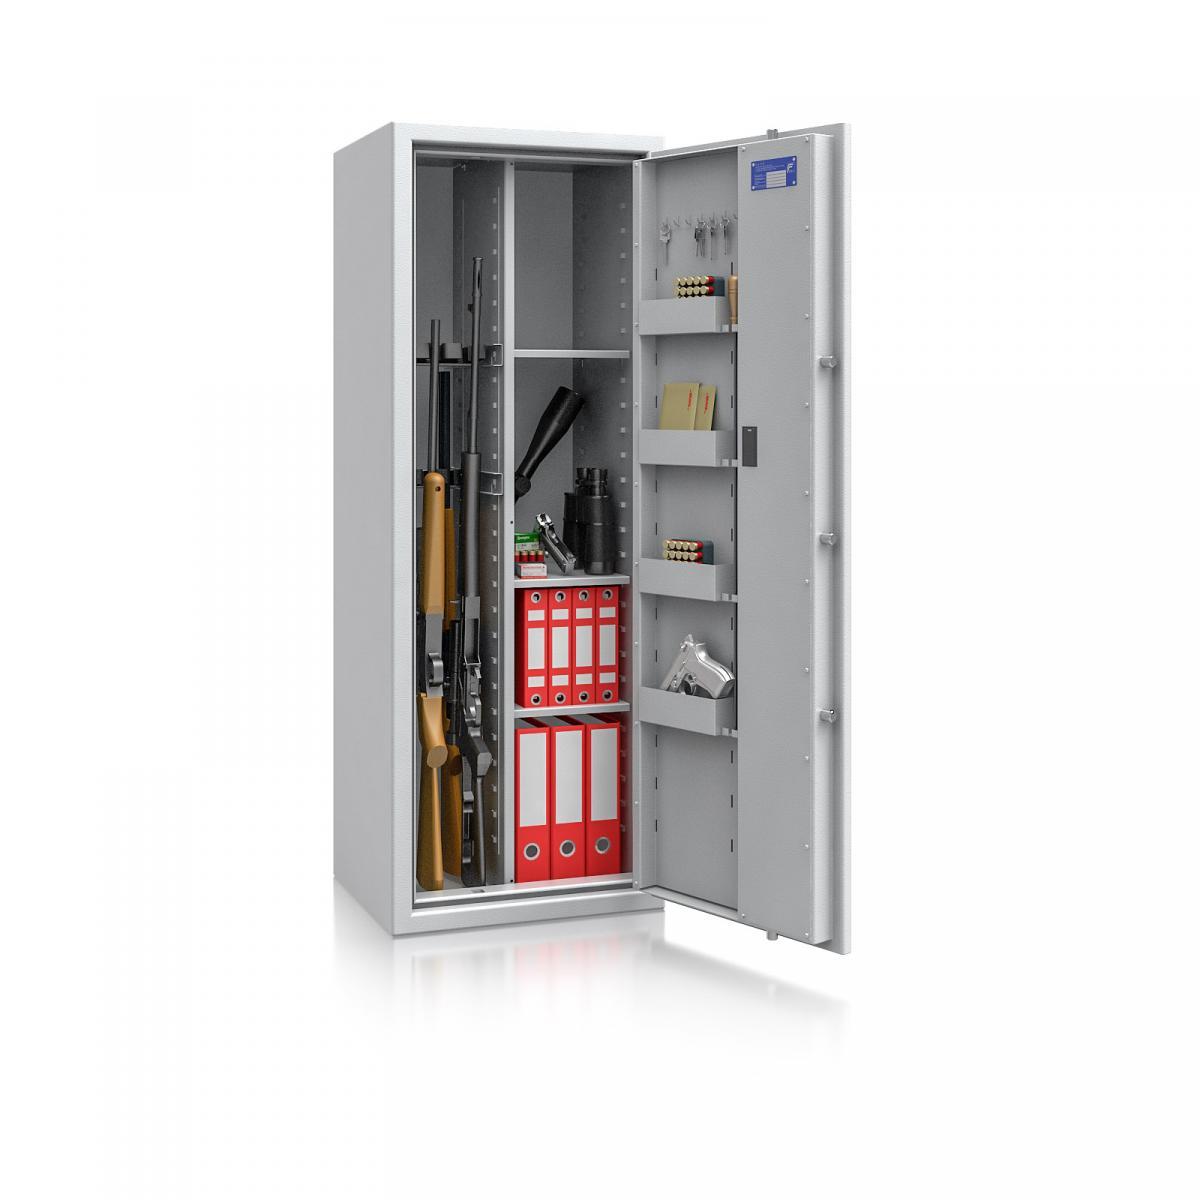 Waffenschrank Luzern WF MAX Kombi 2 - 1500x550x450 / 195kg 55631 / Klasse 0 / RAL7035 / Elektr. Basic / DIN R / mit Trennw.